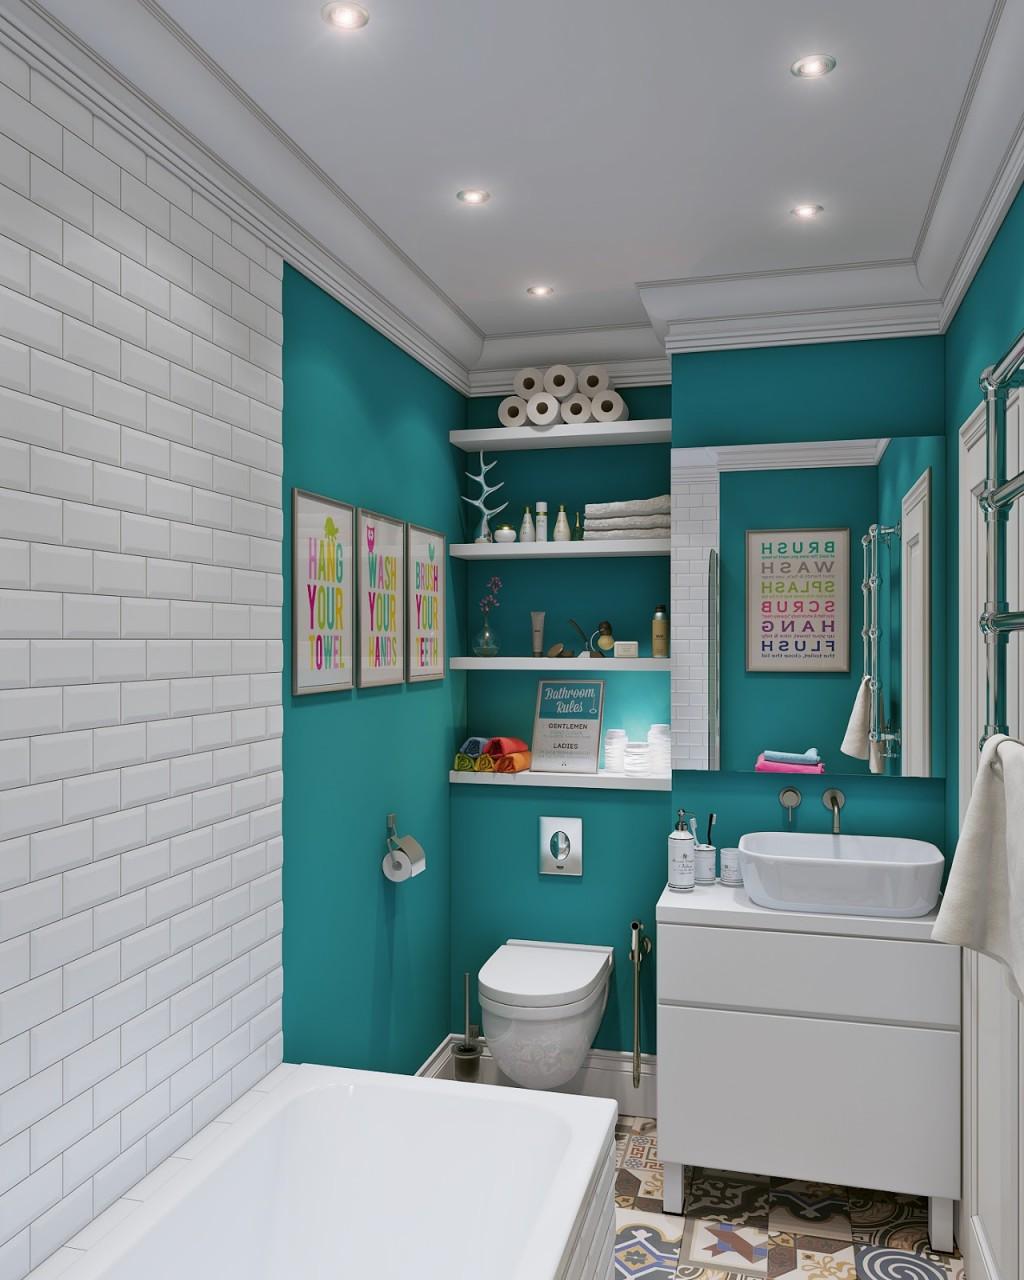 Nice turquoise bathroom